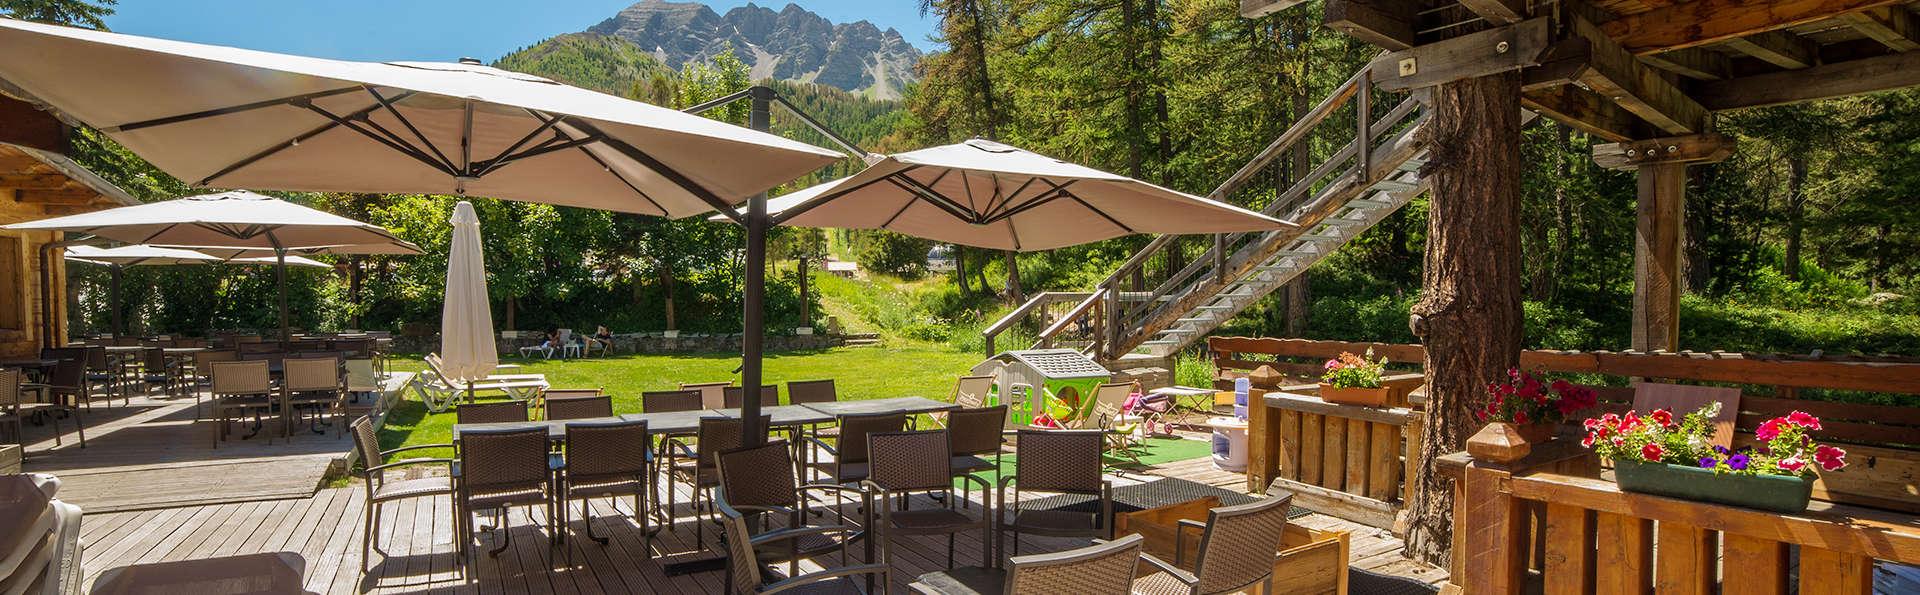 Week-end détente sous le soleil des Alpes du Sud